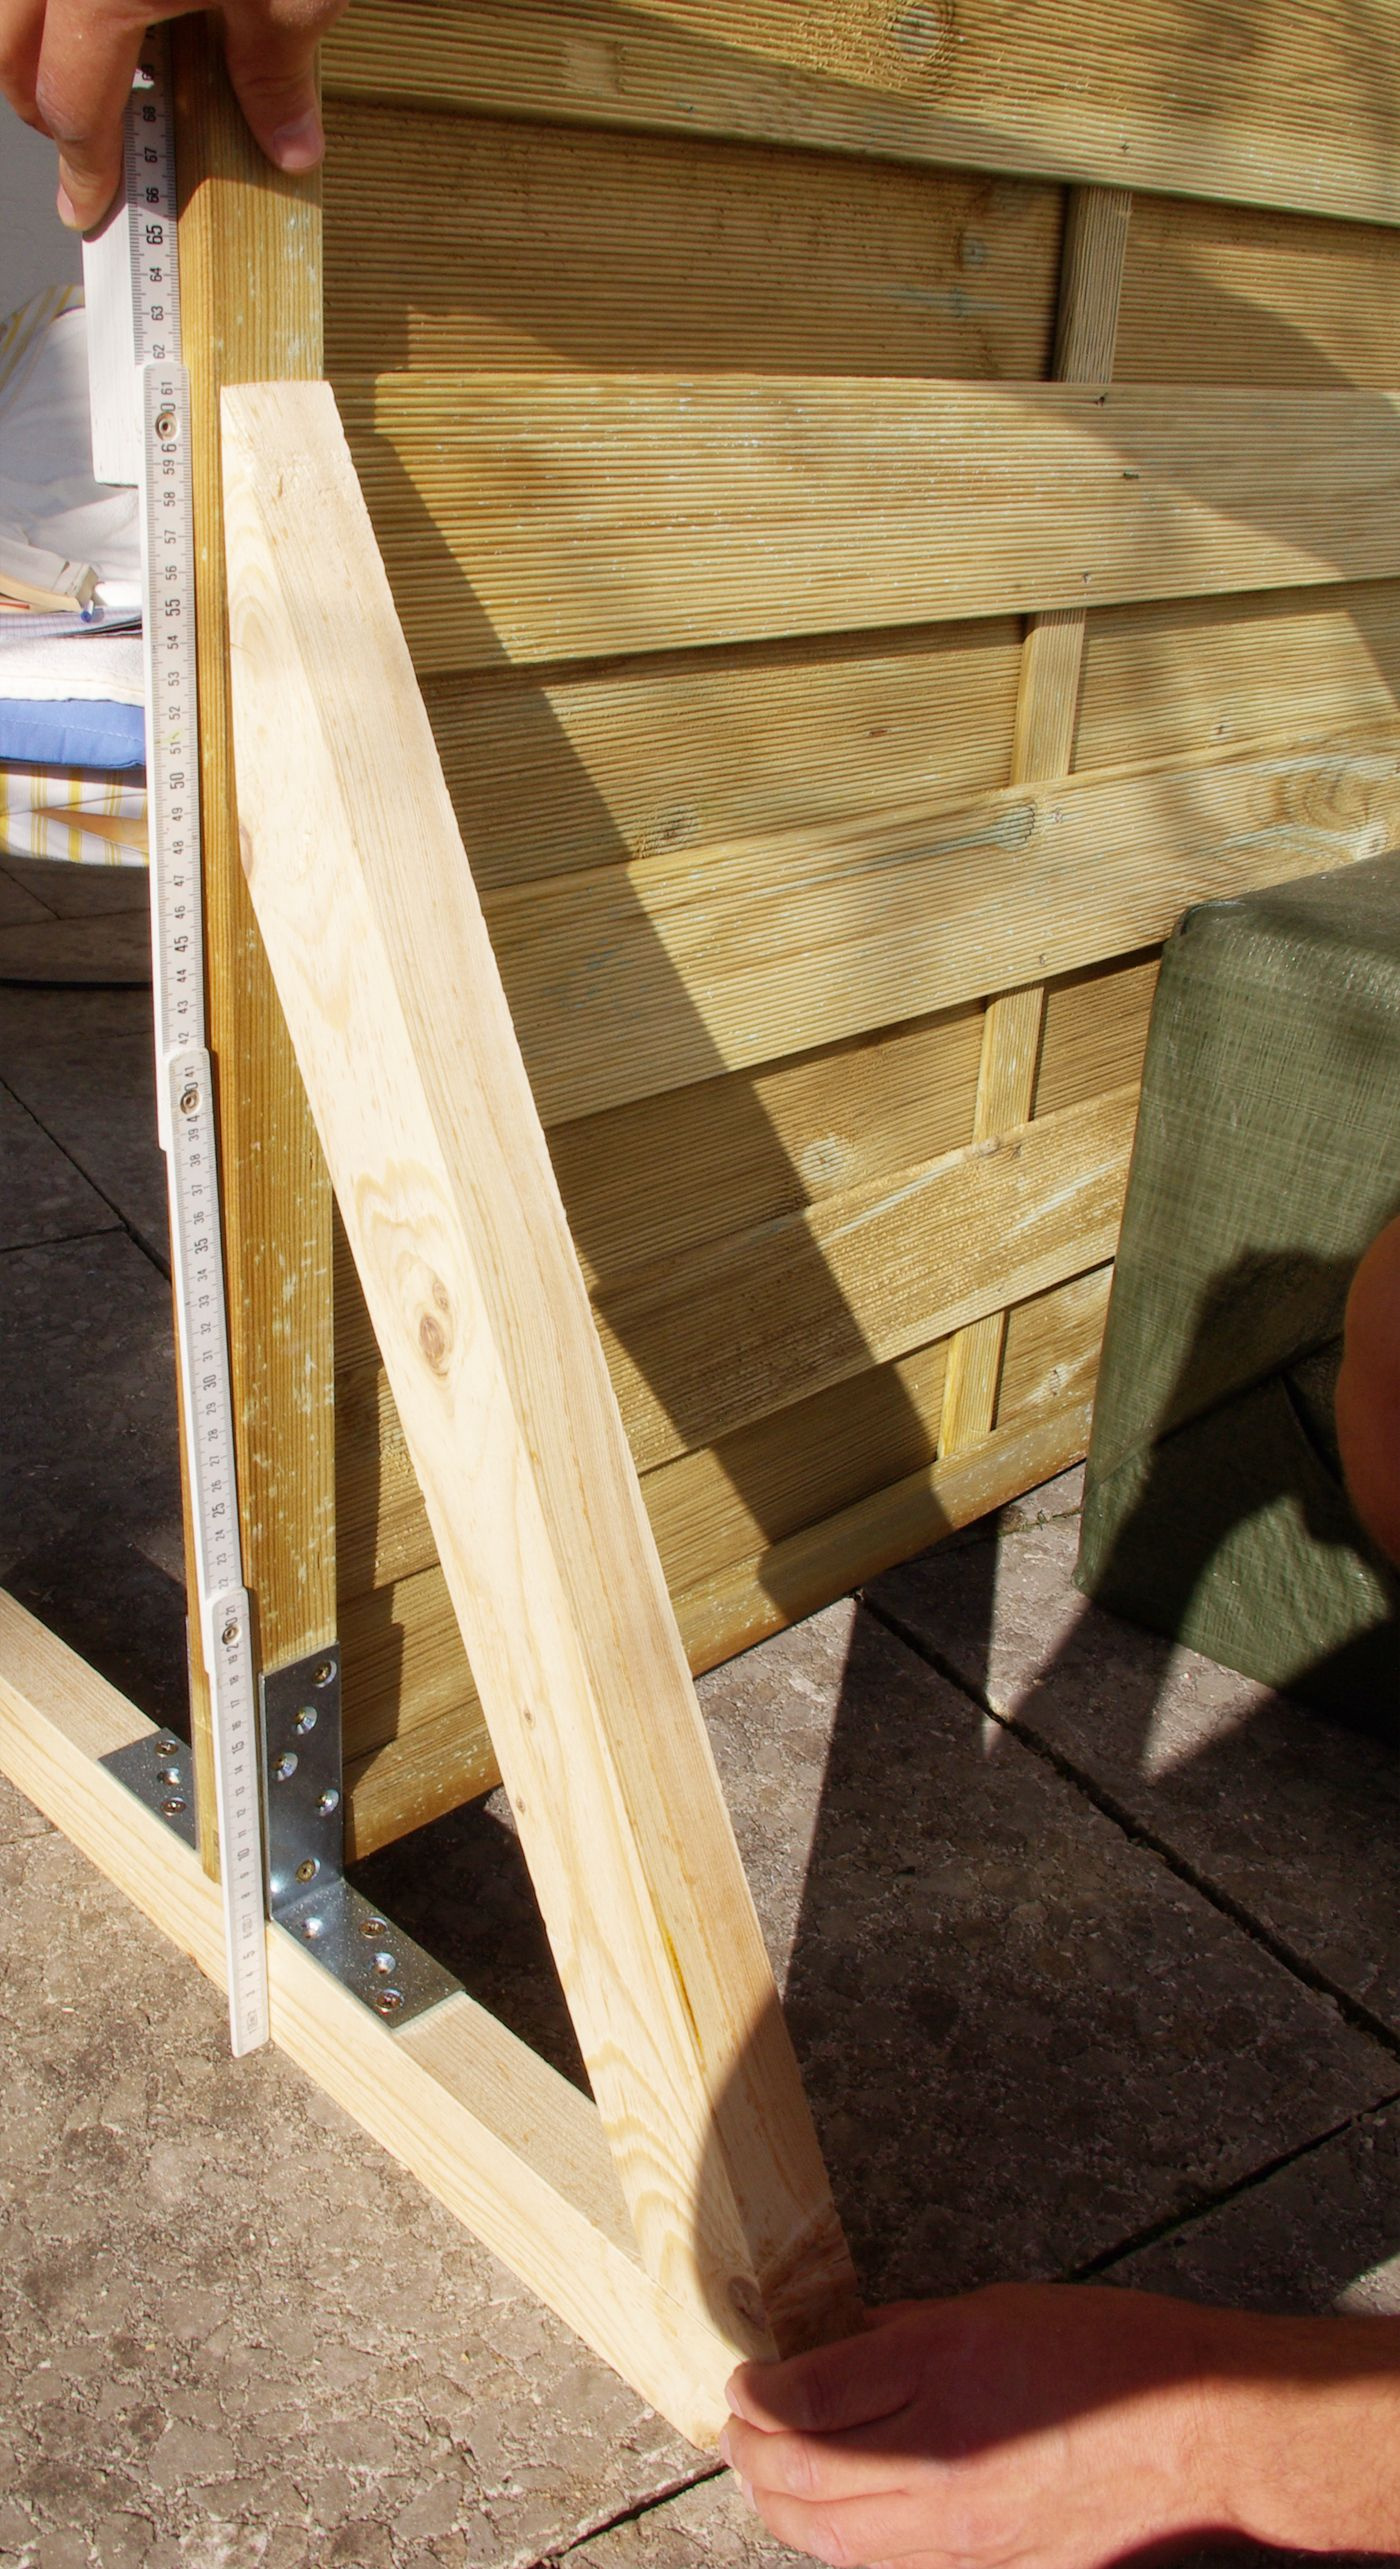 Lovely Sichtschutz Paravent Garten Balkon selber bauen Anleitung DIY H he Fuss